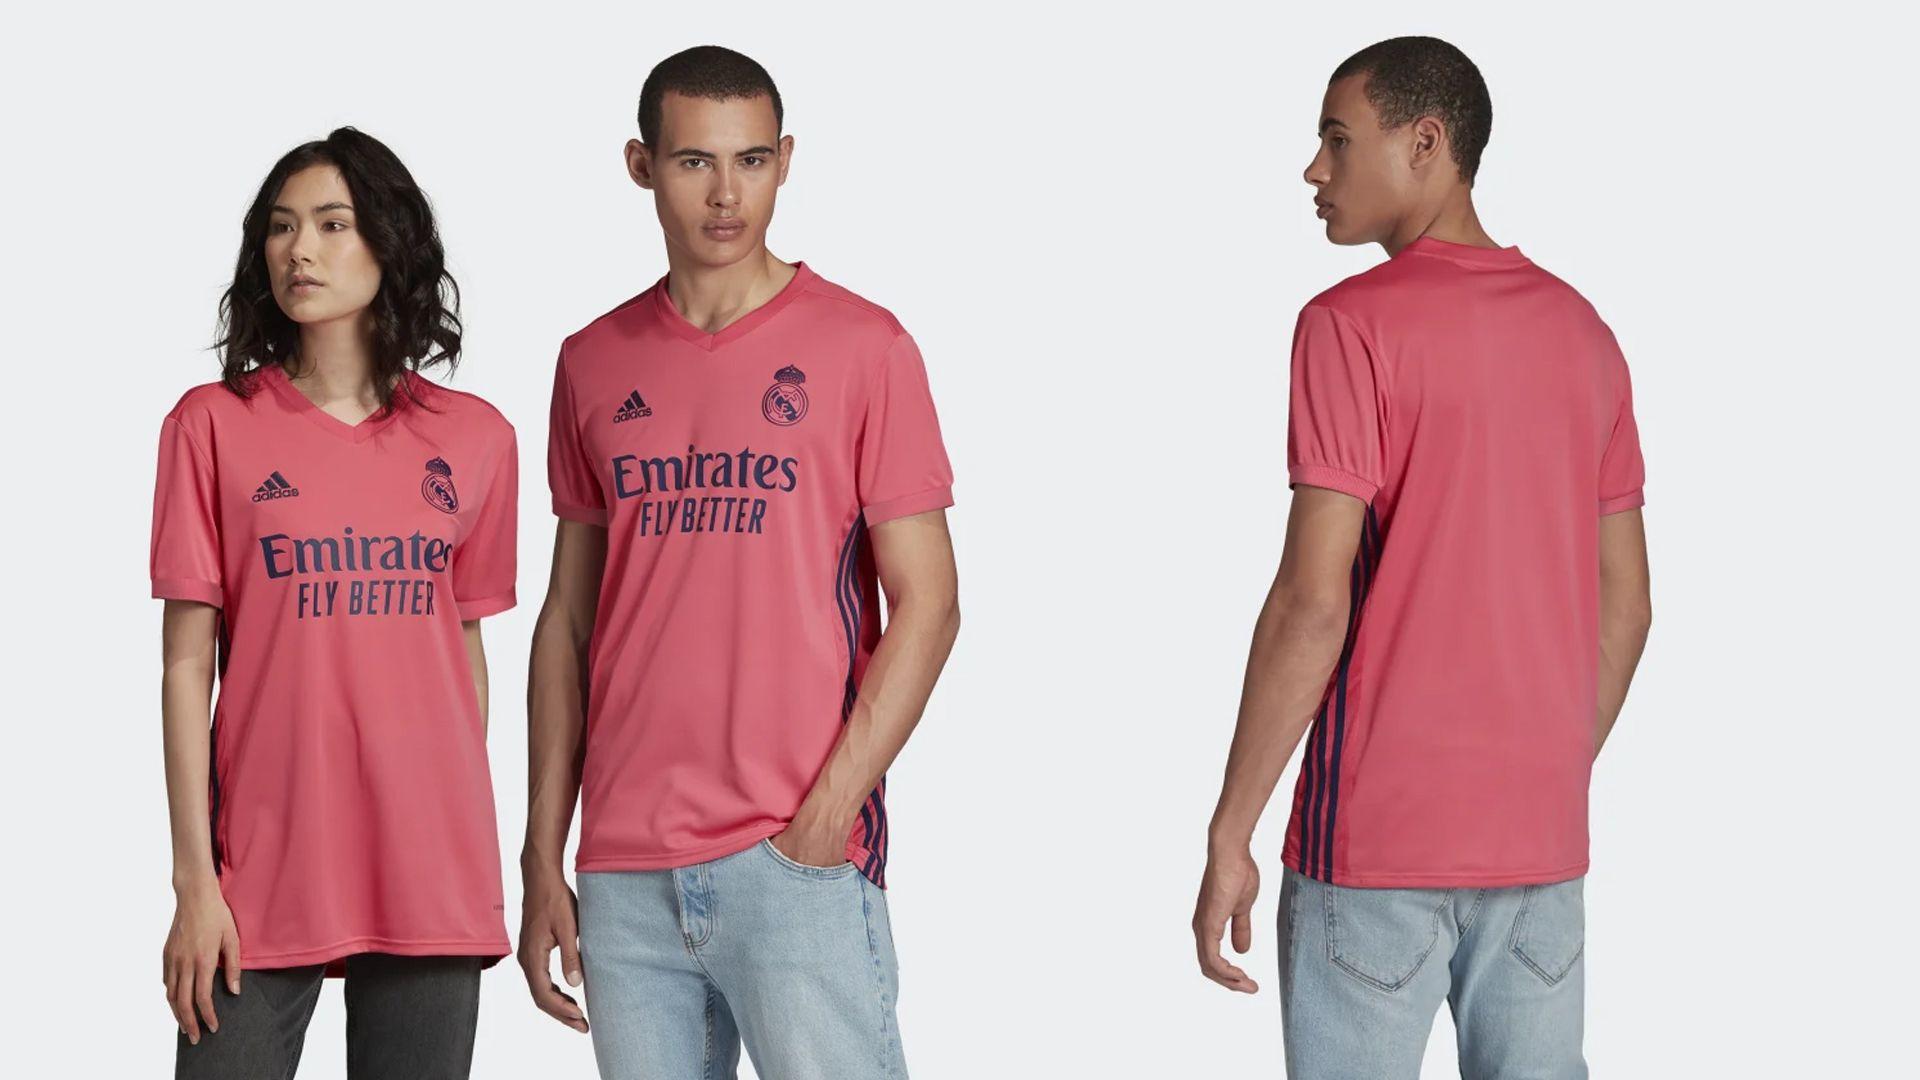 Camisa do Real Madrid Rosa (Imagem: Divulgação/Adidas)